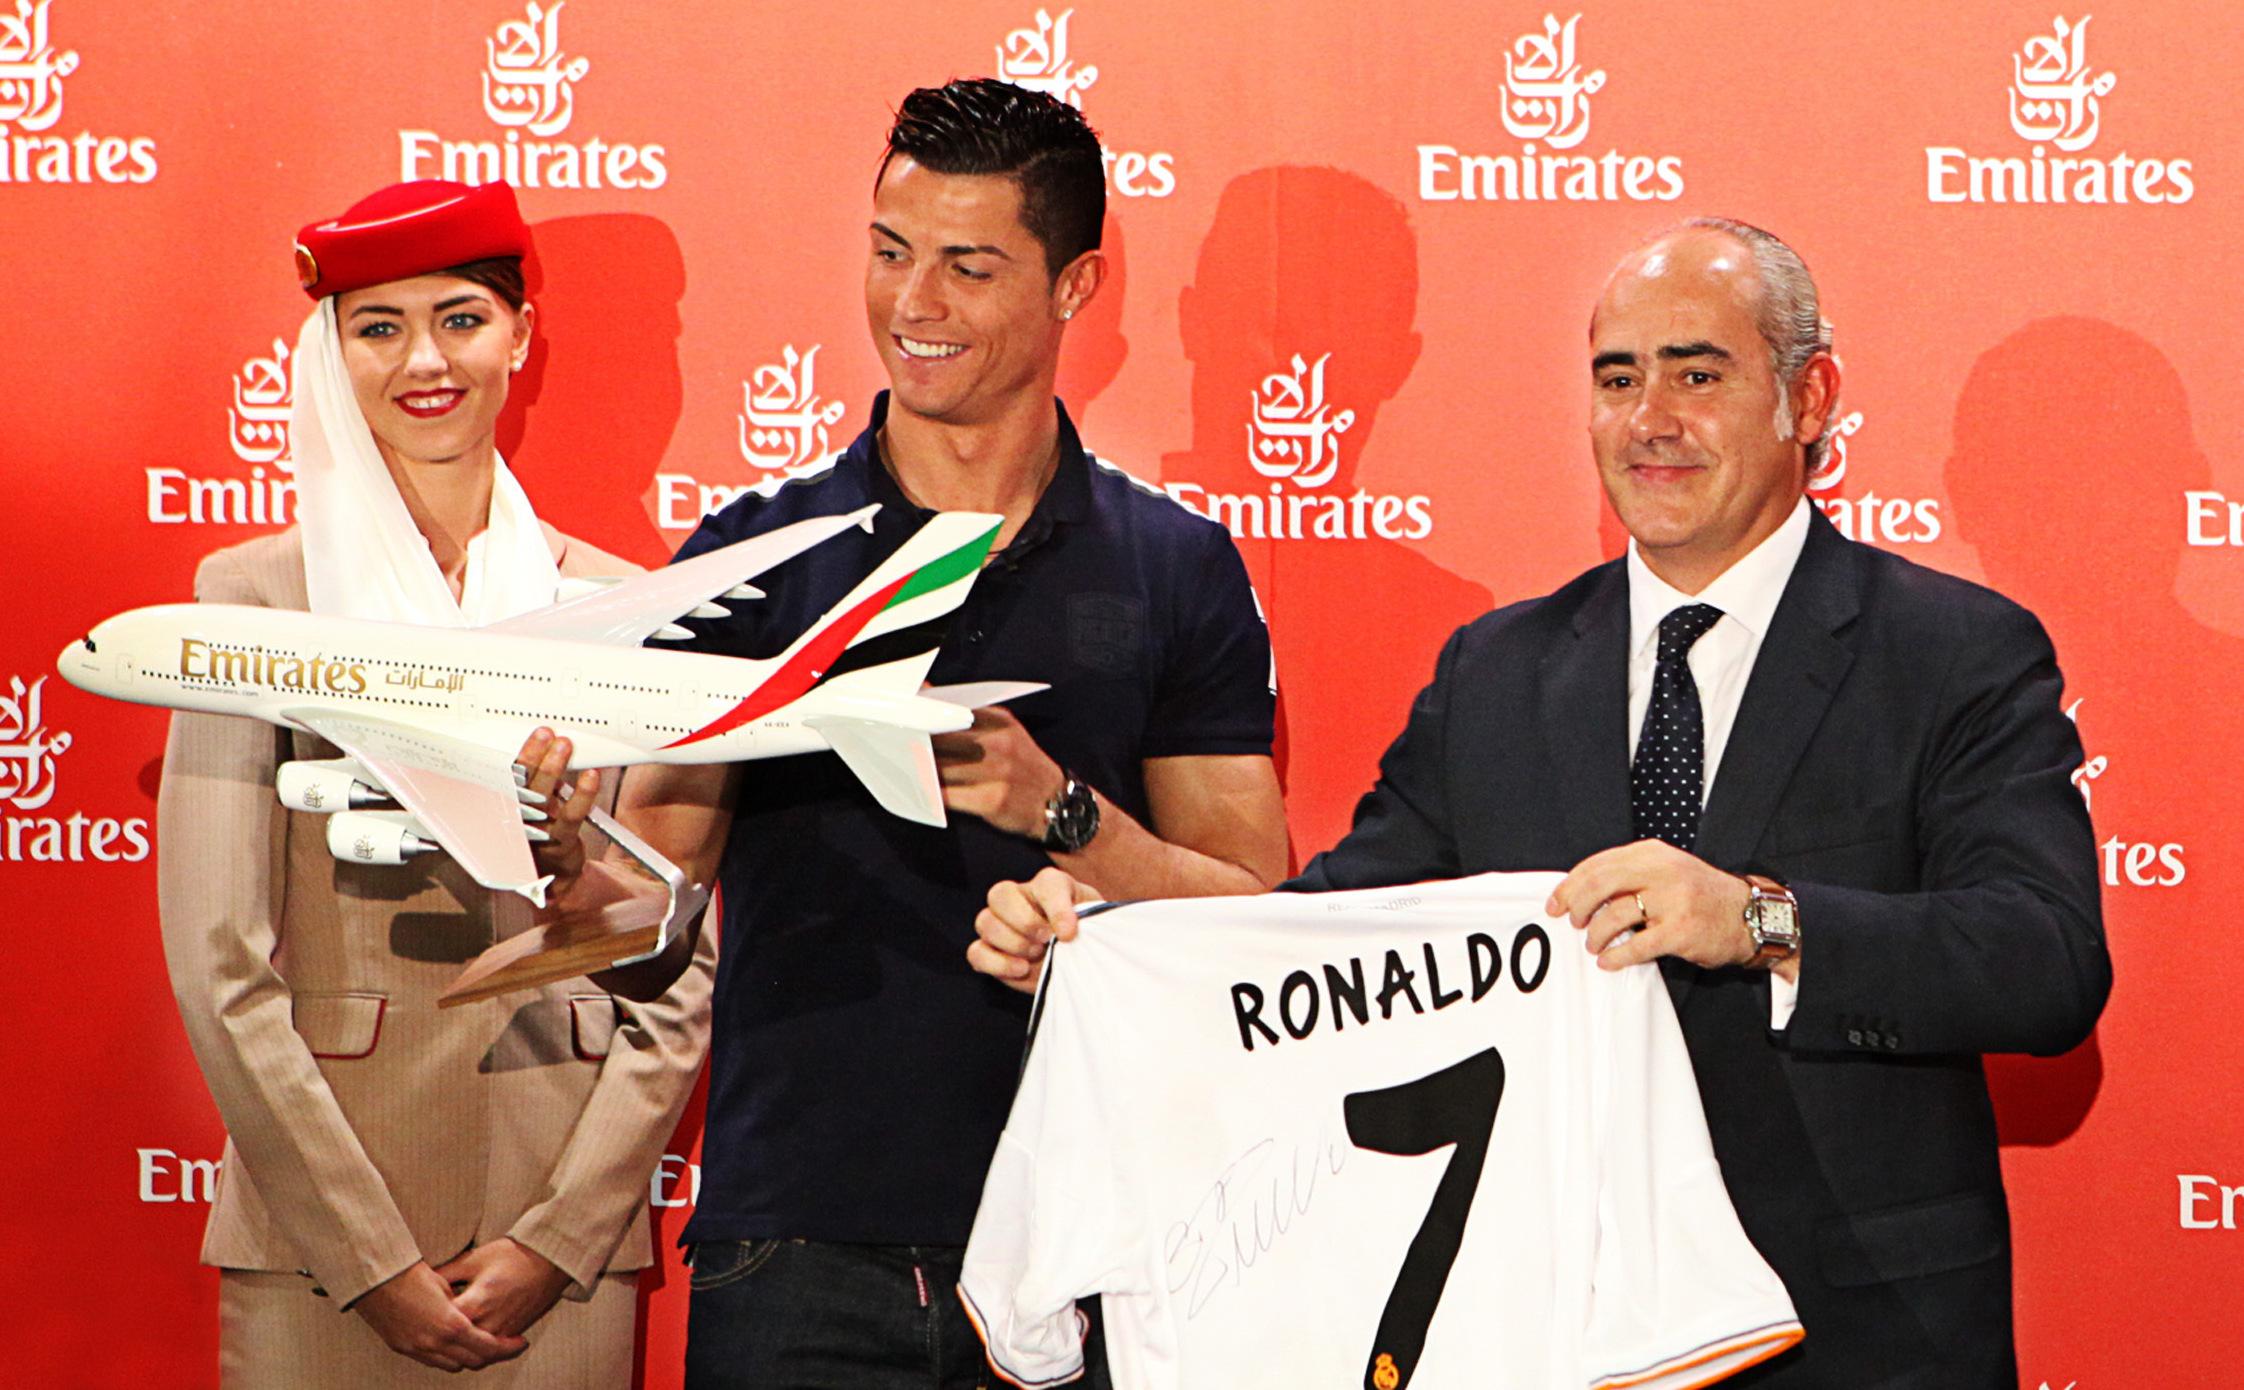 Ronaldo Pele Emirates Hava Yolları